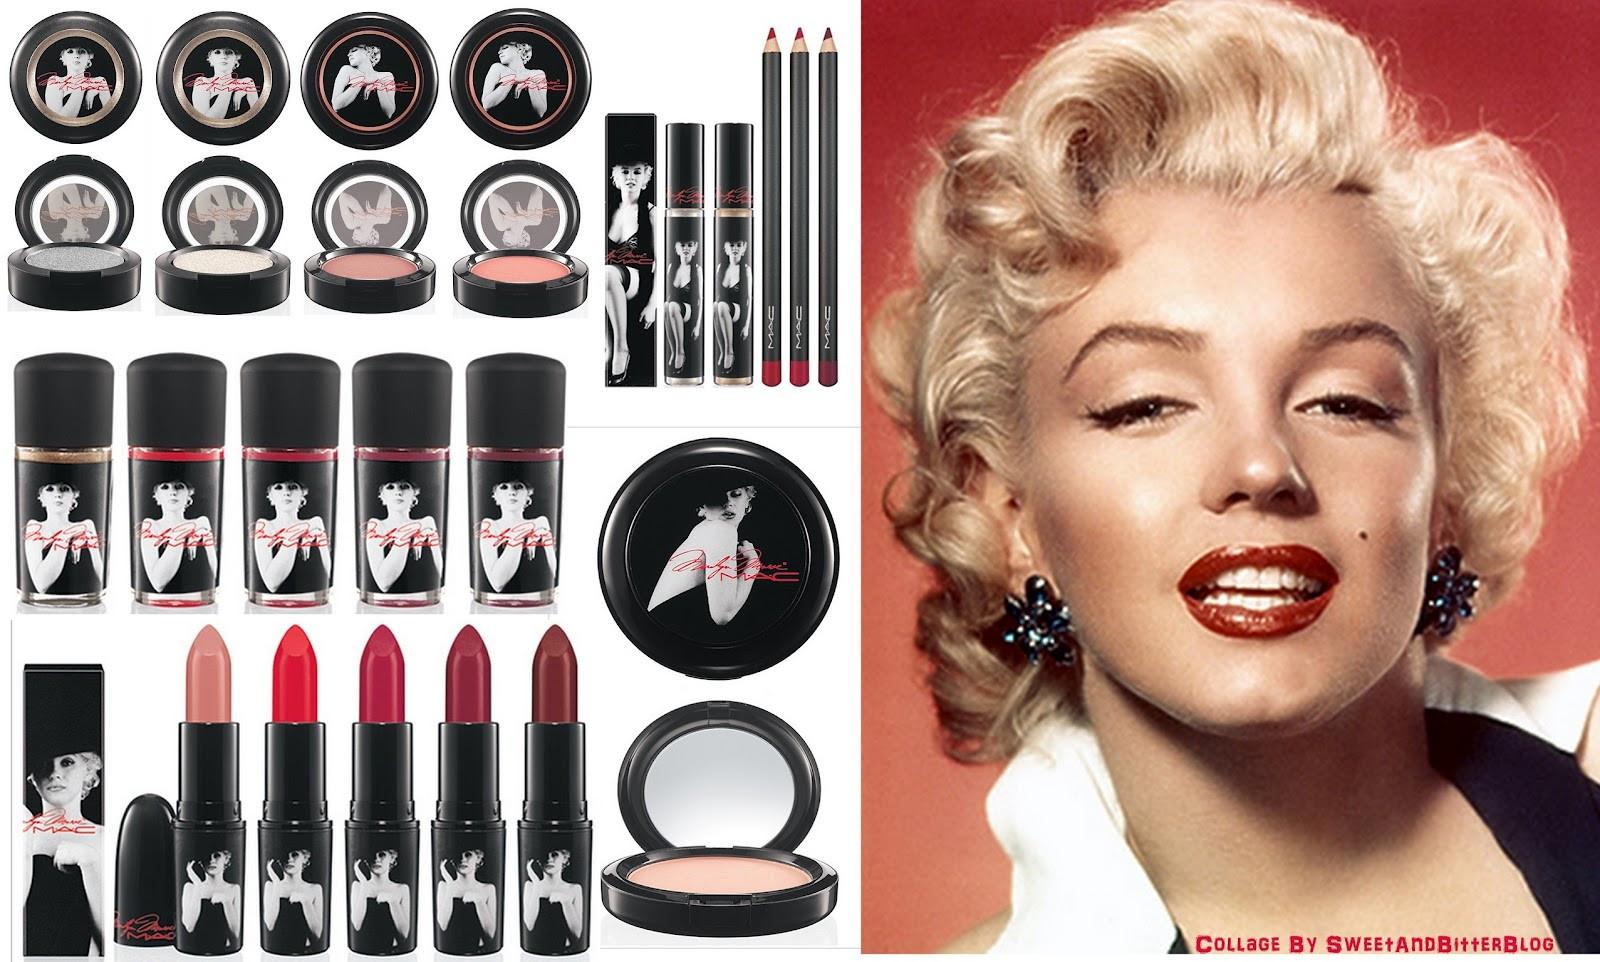 Marilyn Monroe stili ruj nasıl sürülür